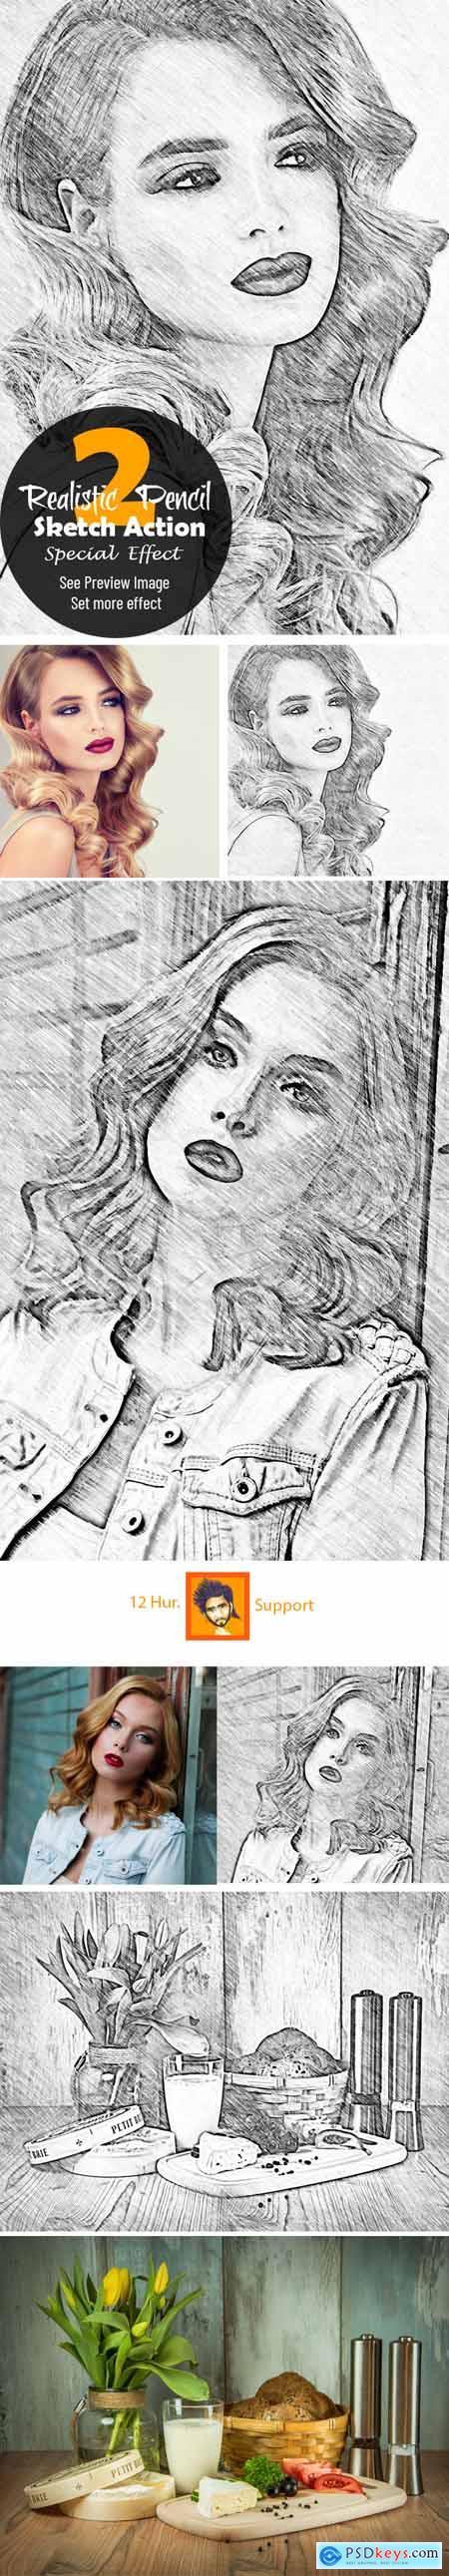 Realistic Pencil Sketch Action 2